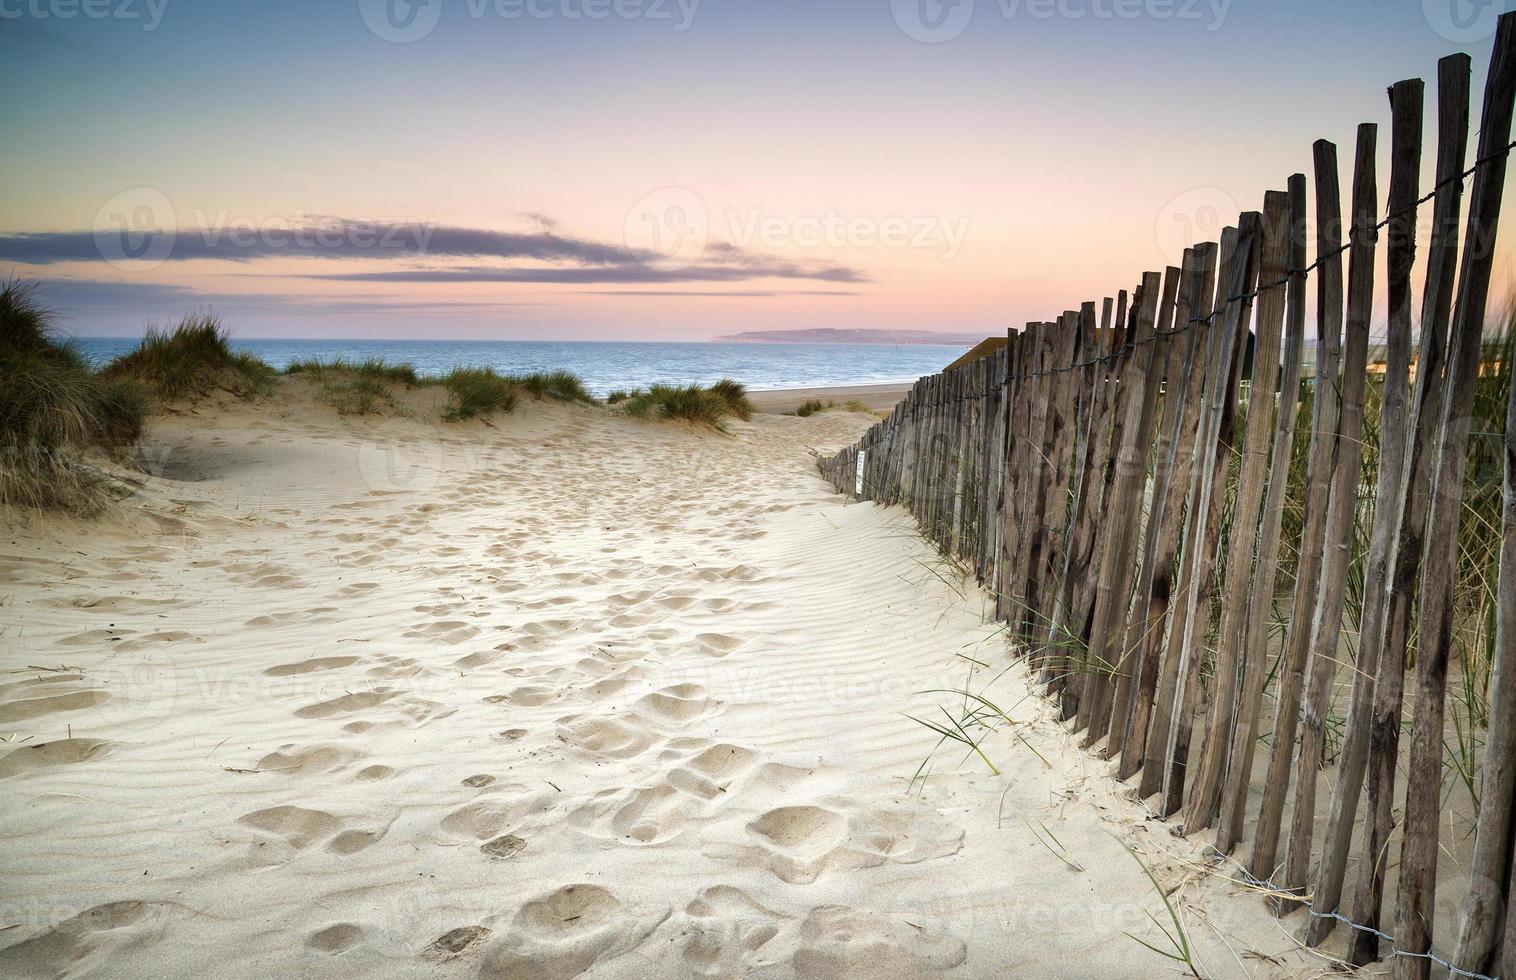 paisaje de dunas de arena cubierta de hierba al amanecer foto